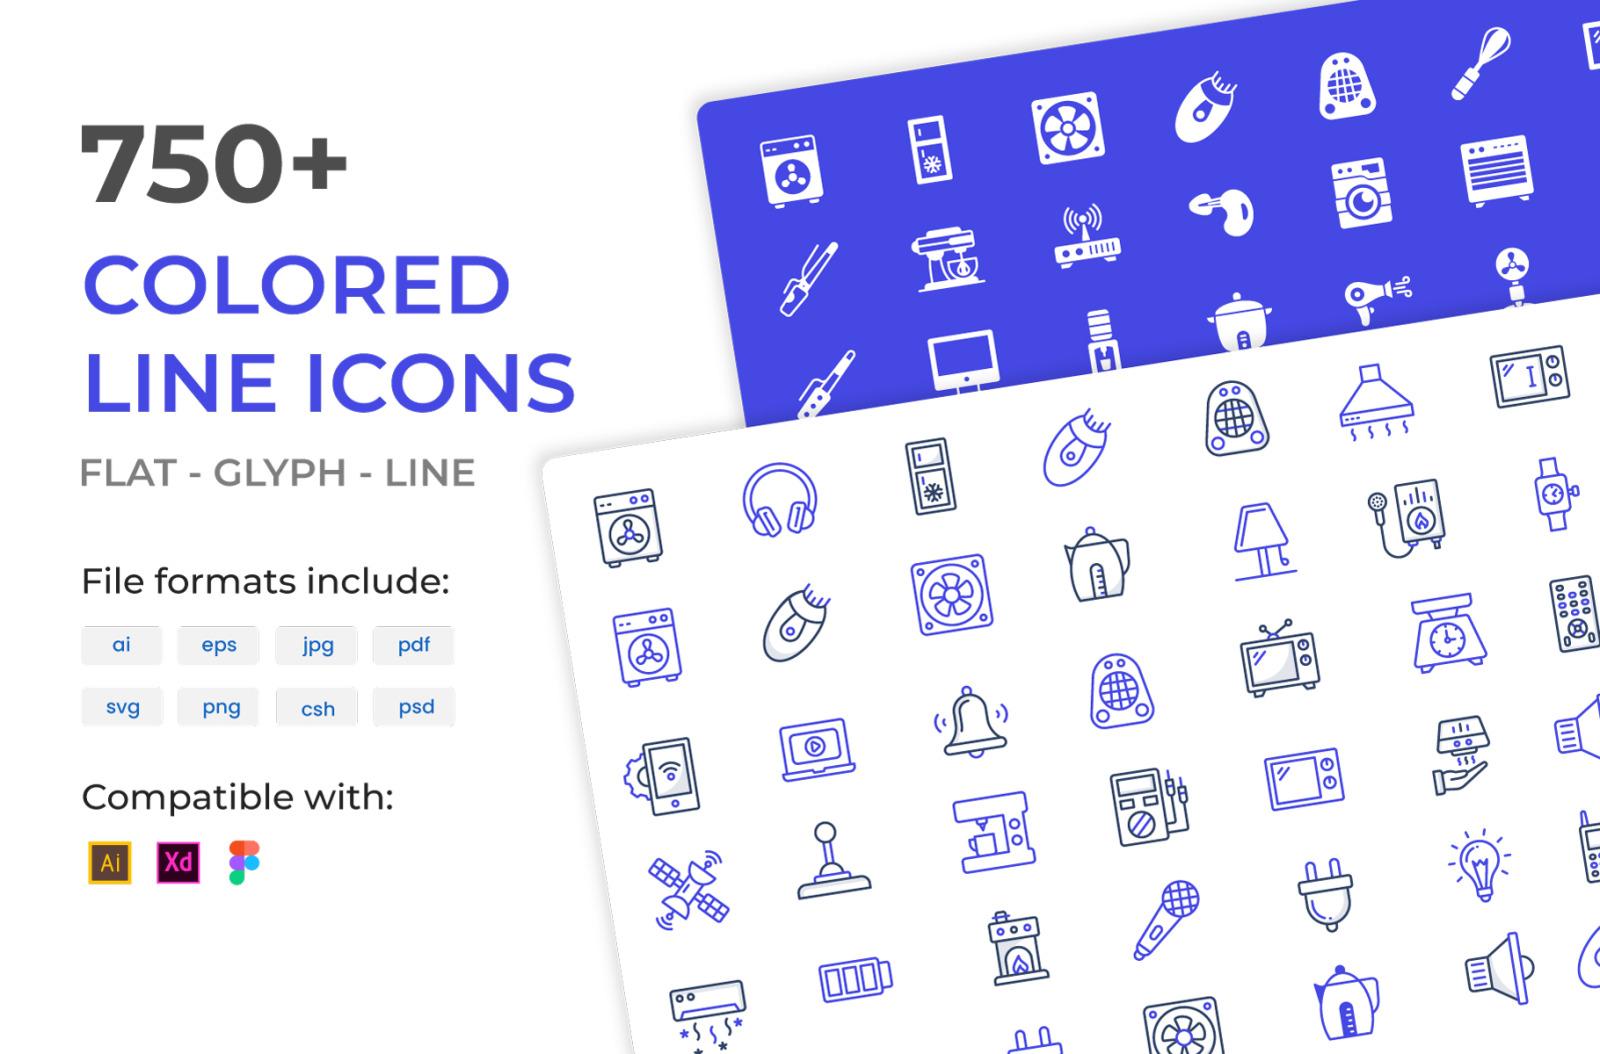 750+ Colored Line Icon